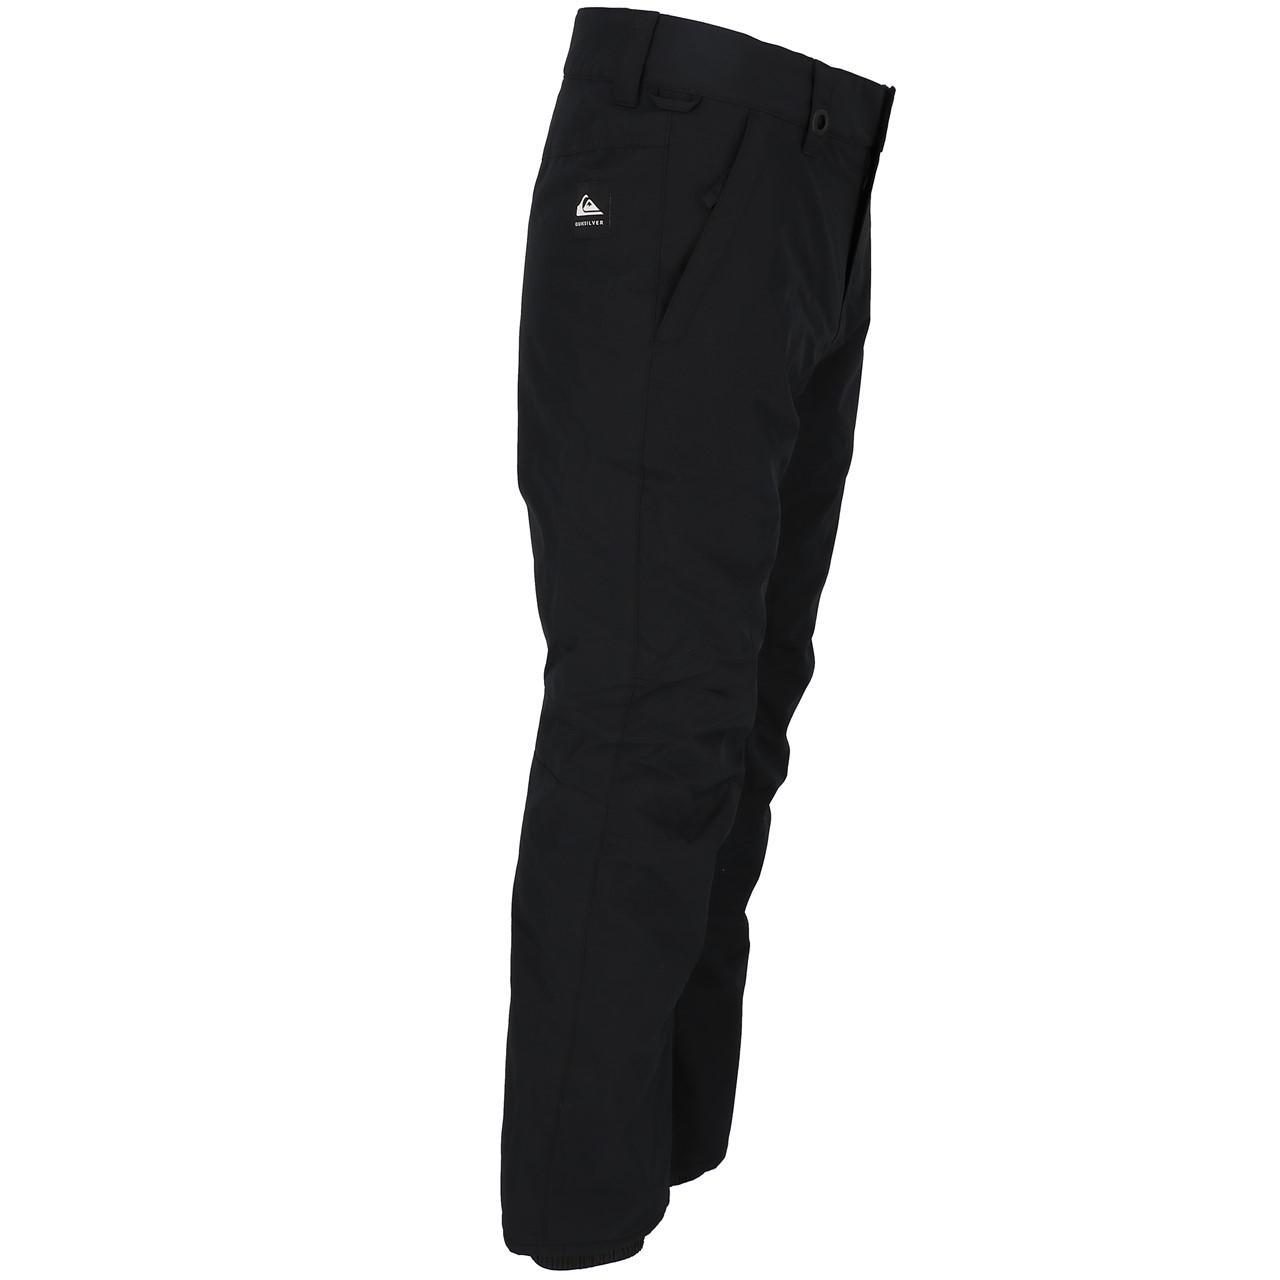 Ski-Pants-Surf-Quiksilver-Estate-Black-Pant-Ski-Jr-Black-27846-New thumbnail 3